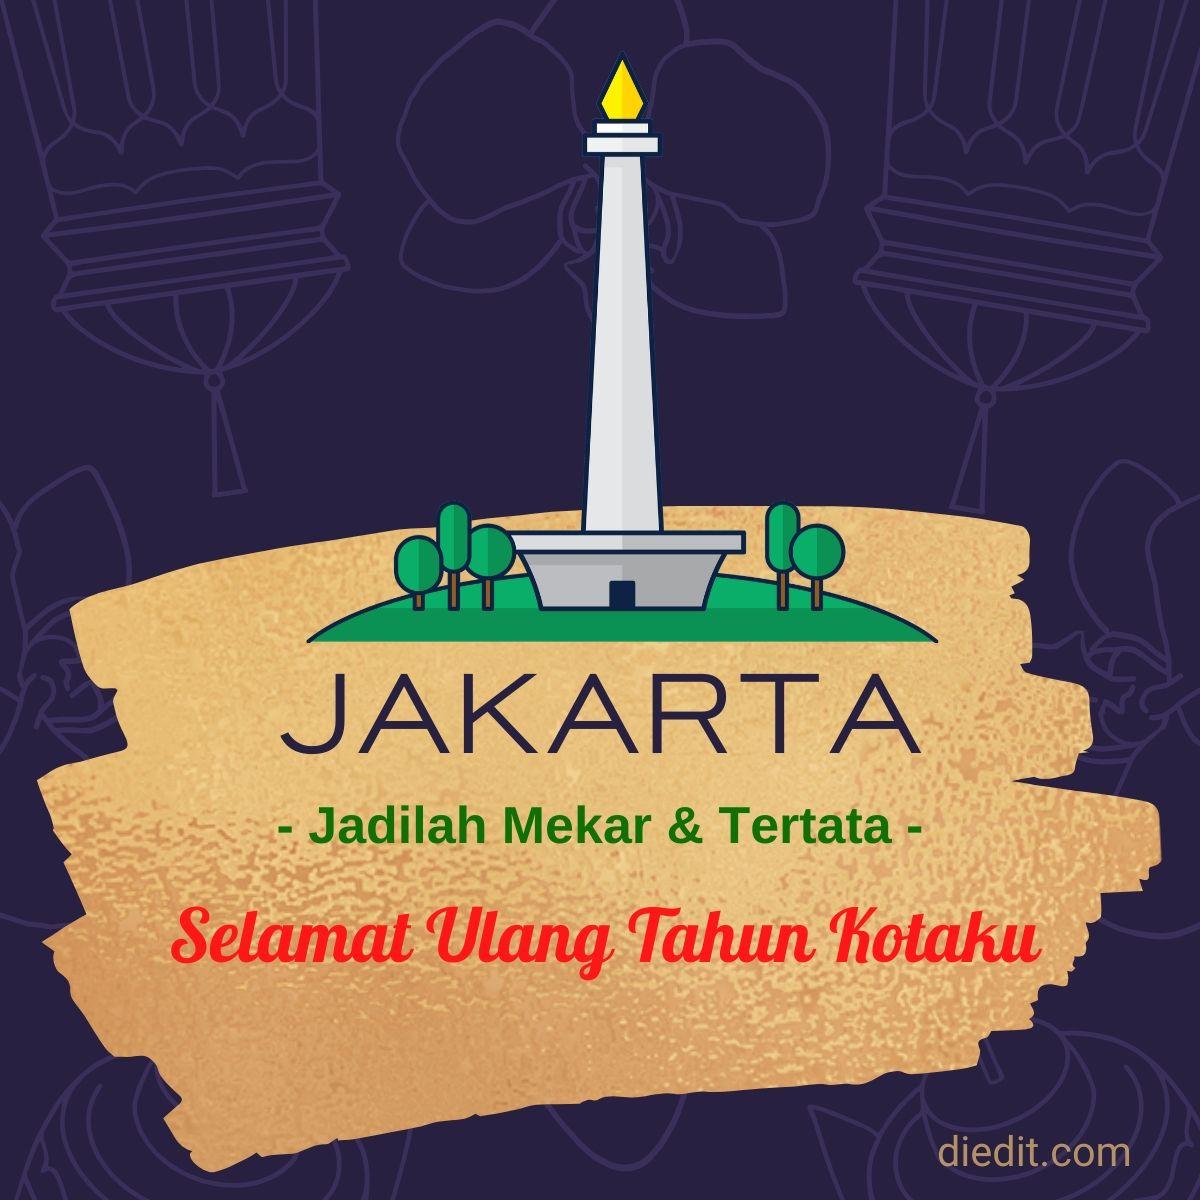 30 Ucapan dan Pantun Selamat Ulang Tahun Jakarta 2020 ...